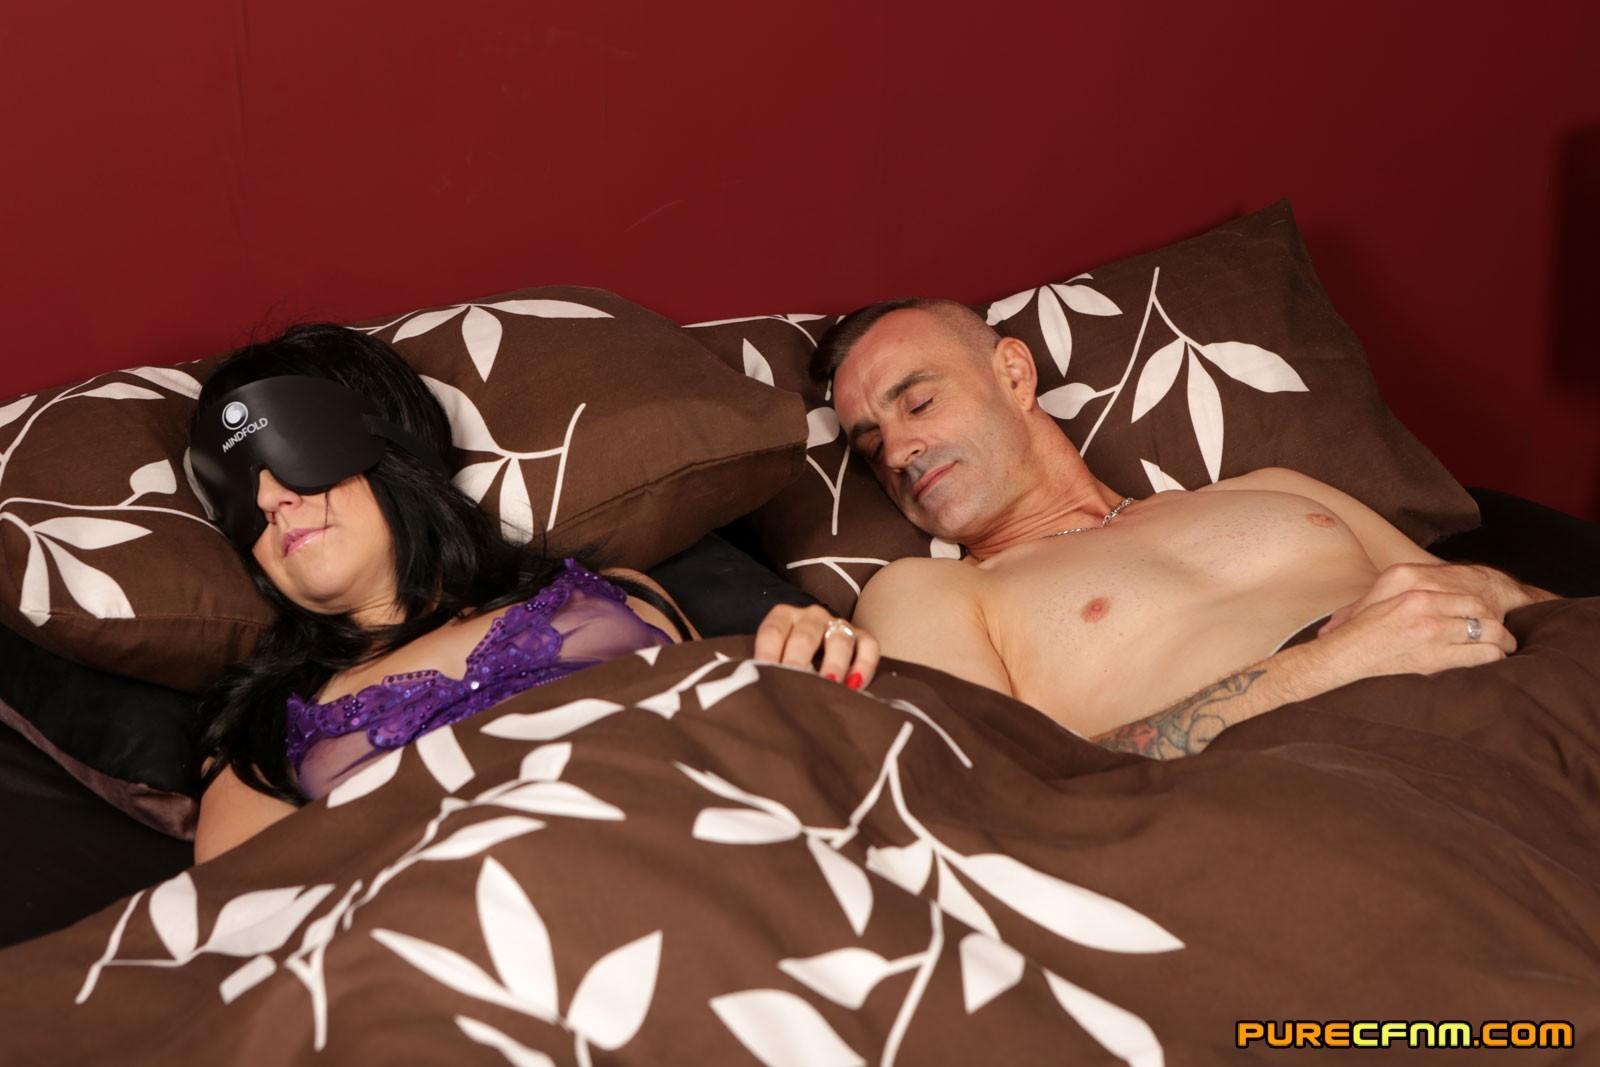 Пока жена уснула соседки по комнате делают минет её муженьку